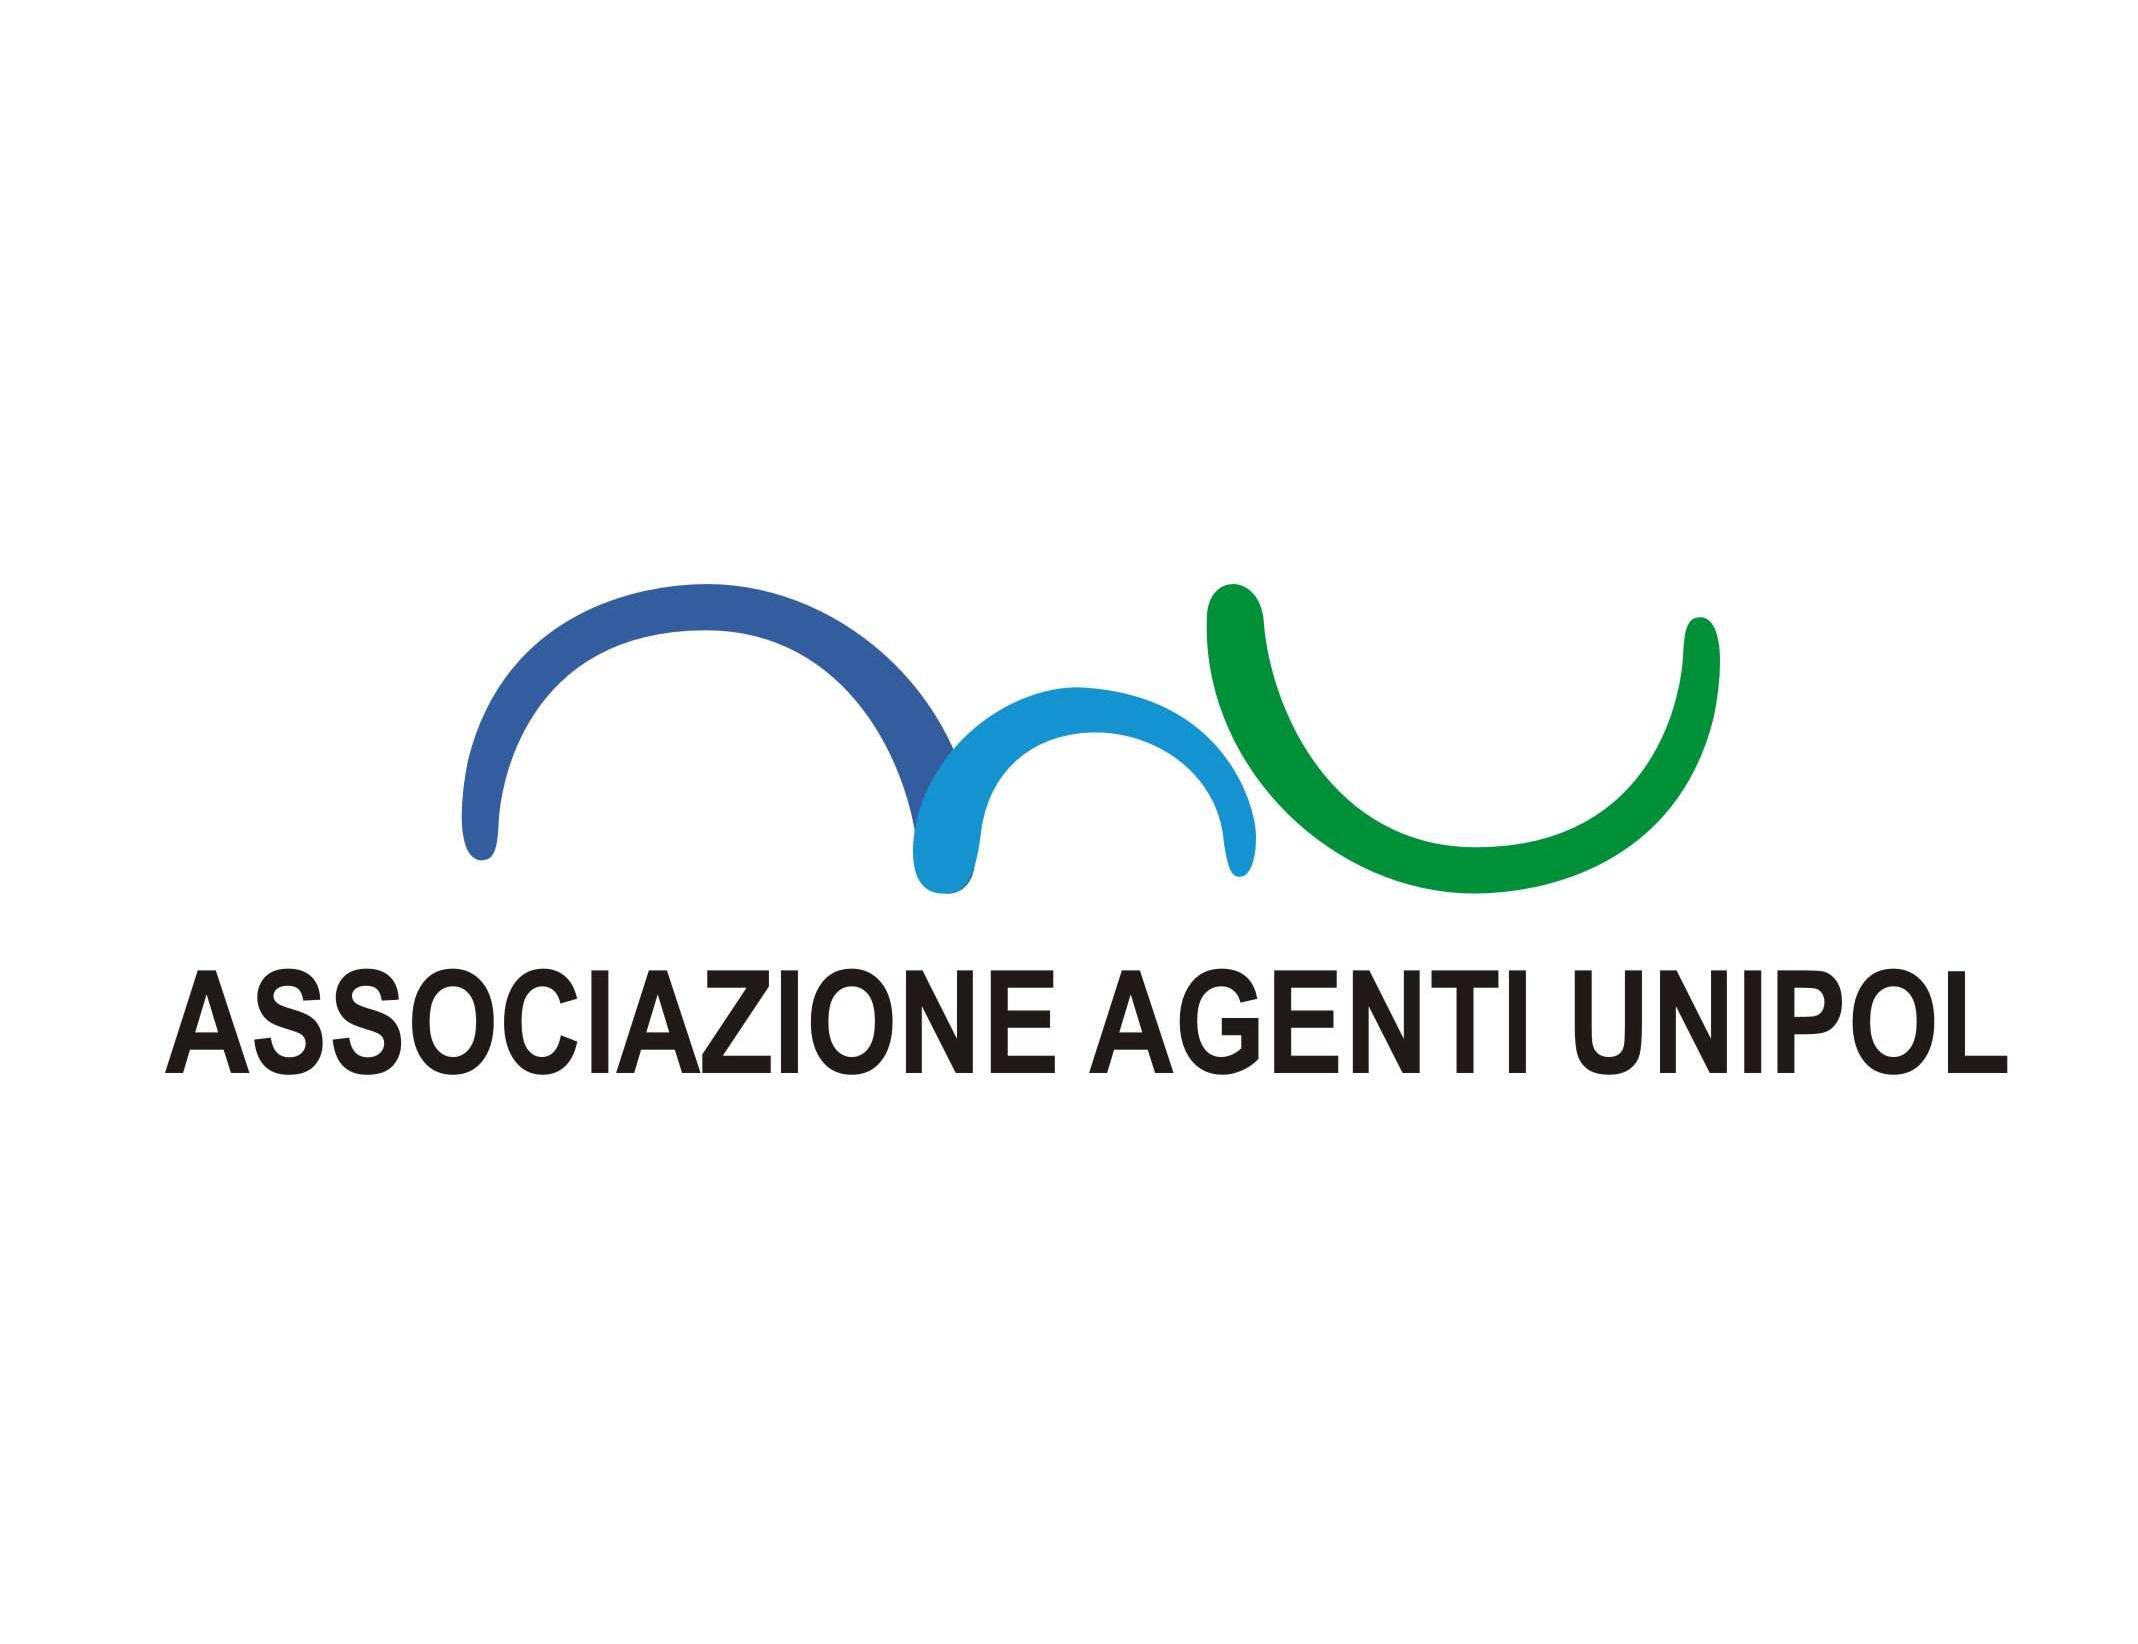 AAU - Associazione Agenti Unipol HiRes